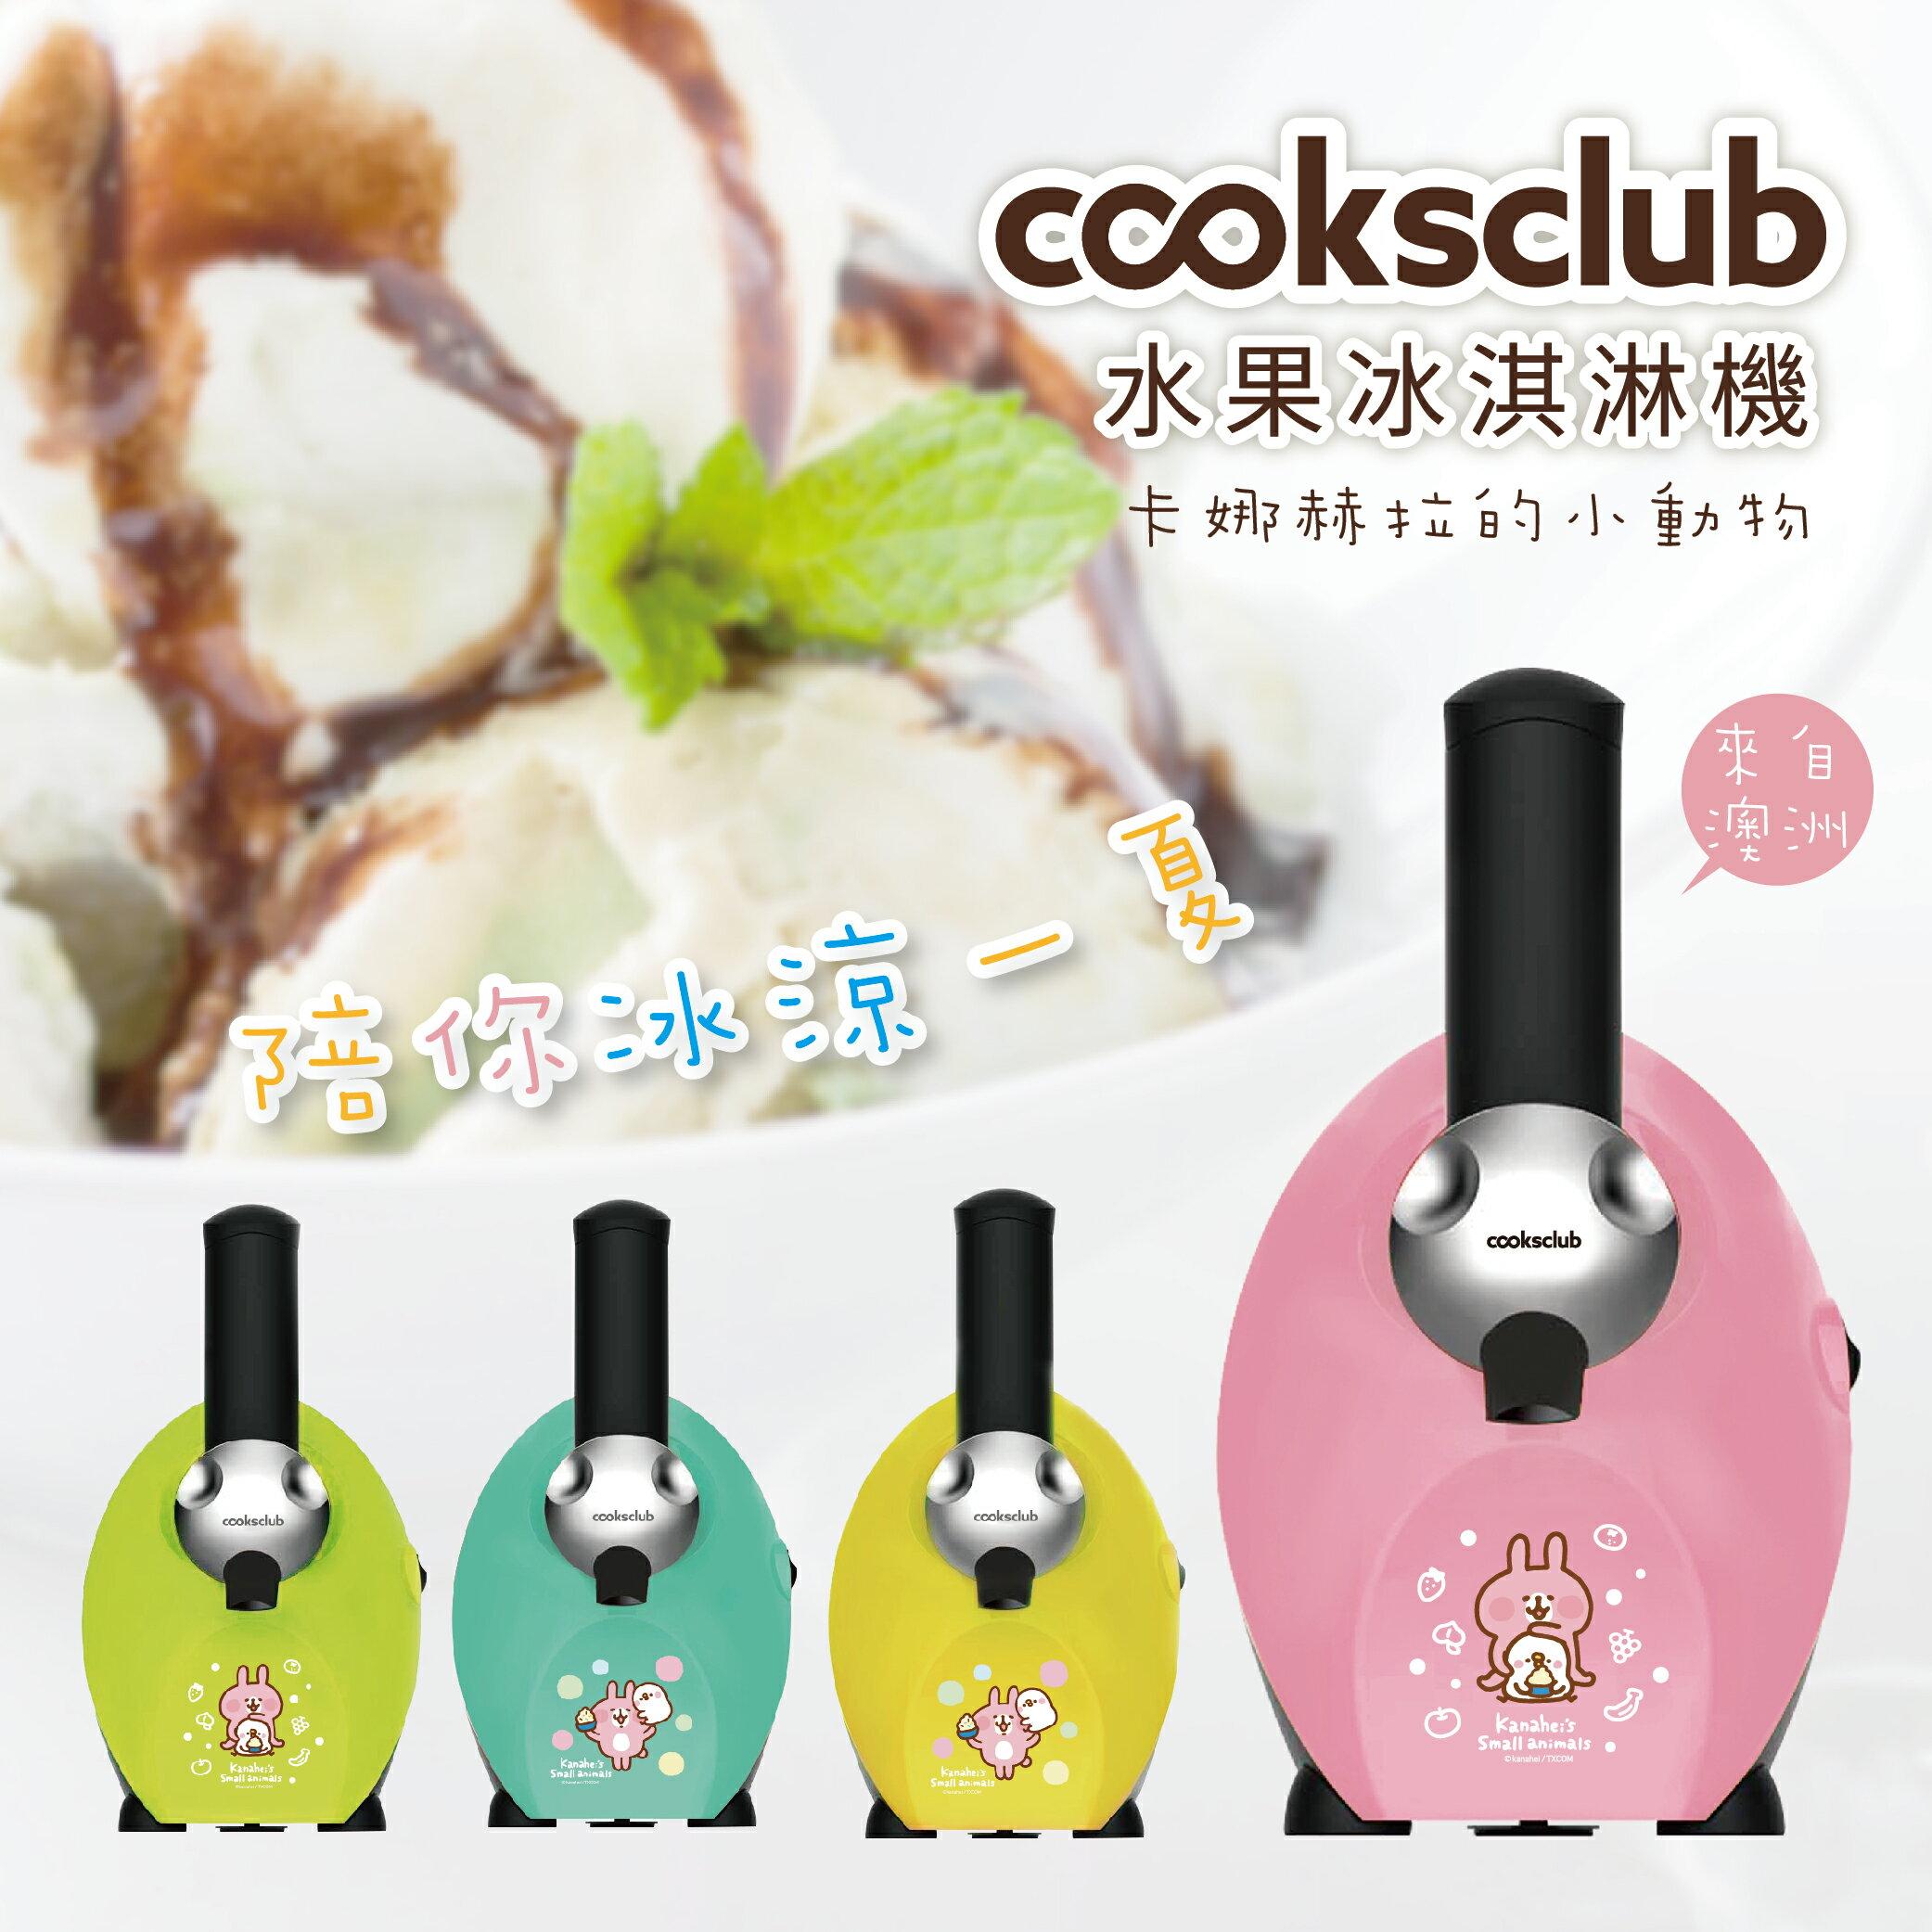 【卡娜赫拉】澳洲 Cooksclub水果 冰淇淋機 - 四色可選 1